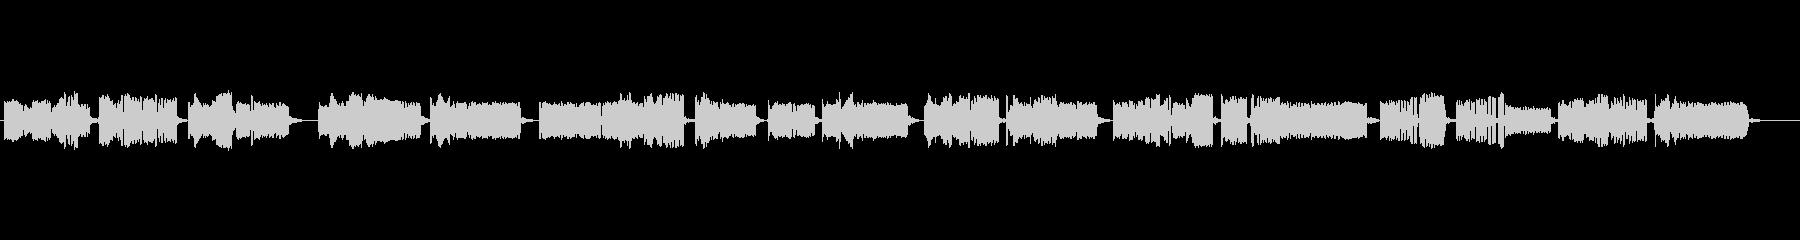 竹笛のソロの未再生の波形